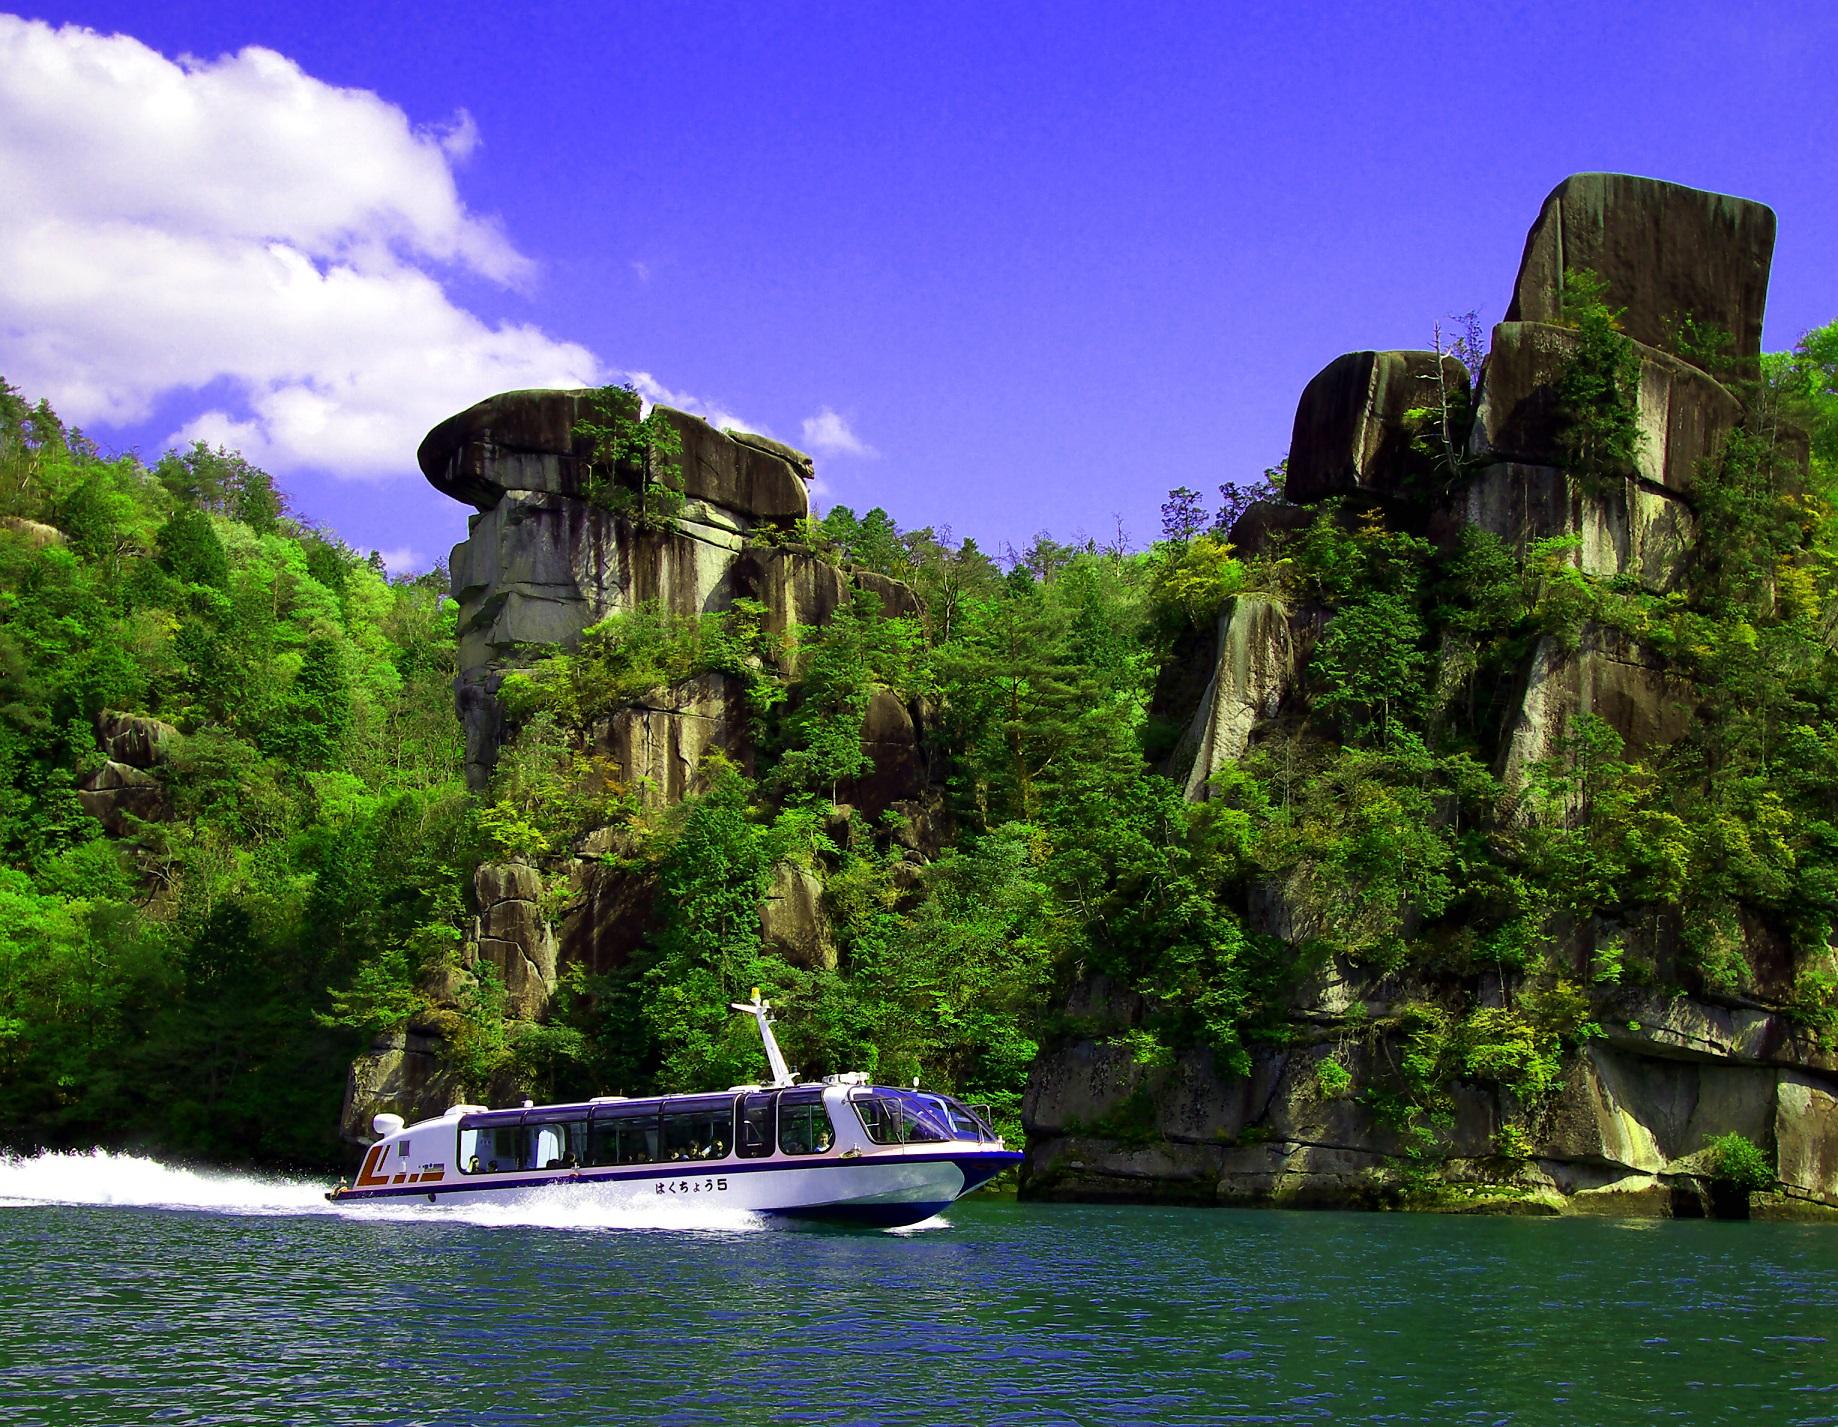 初夏の獅子岩付近を颯爽と走る船